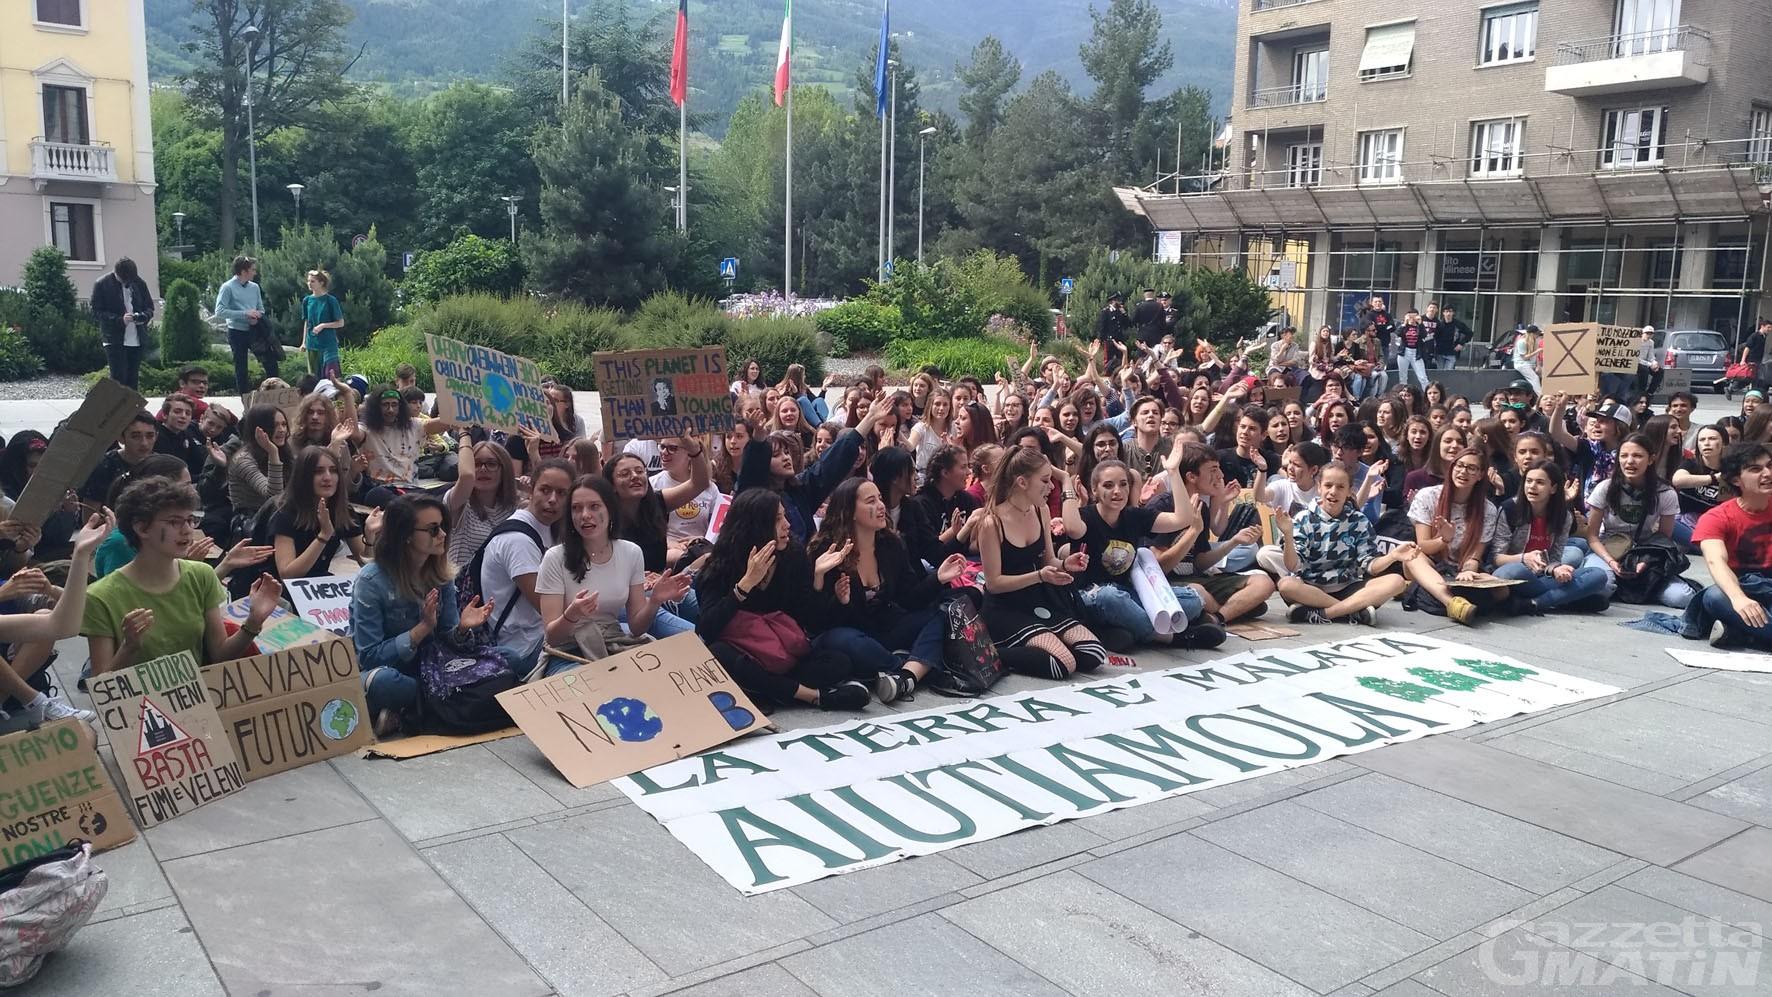 Ambiente: un centinaio di ragazzi in piazza per #fridayforfuture